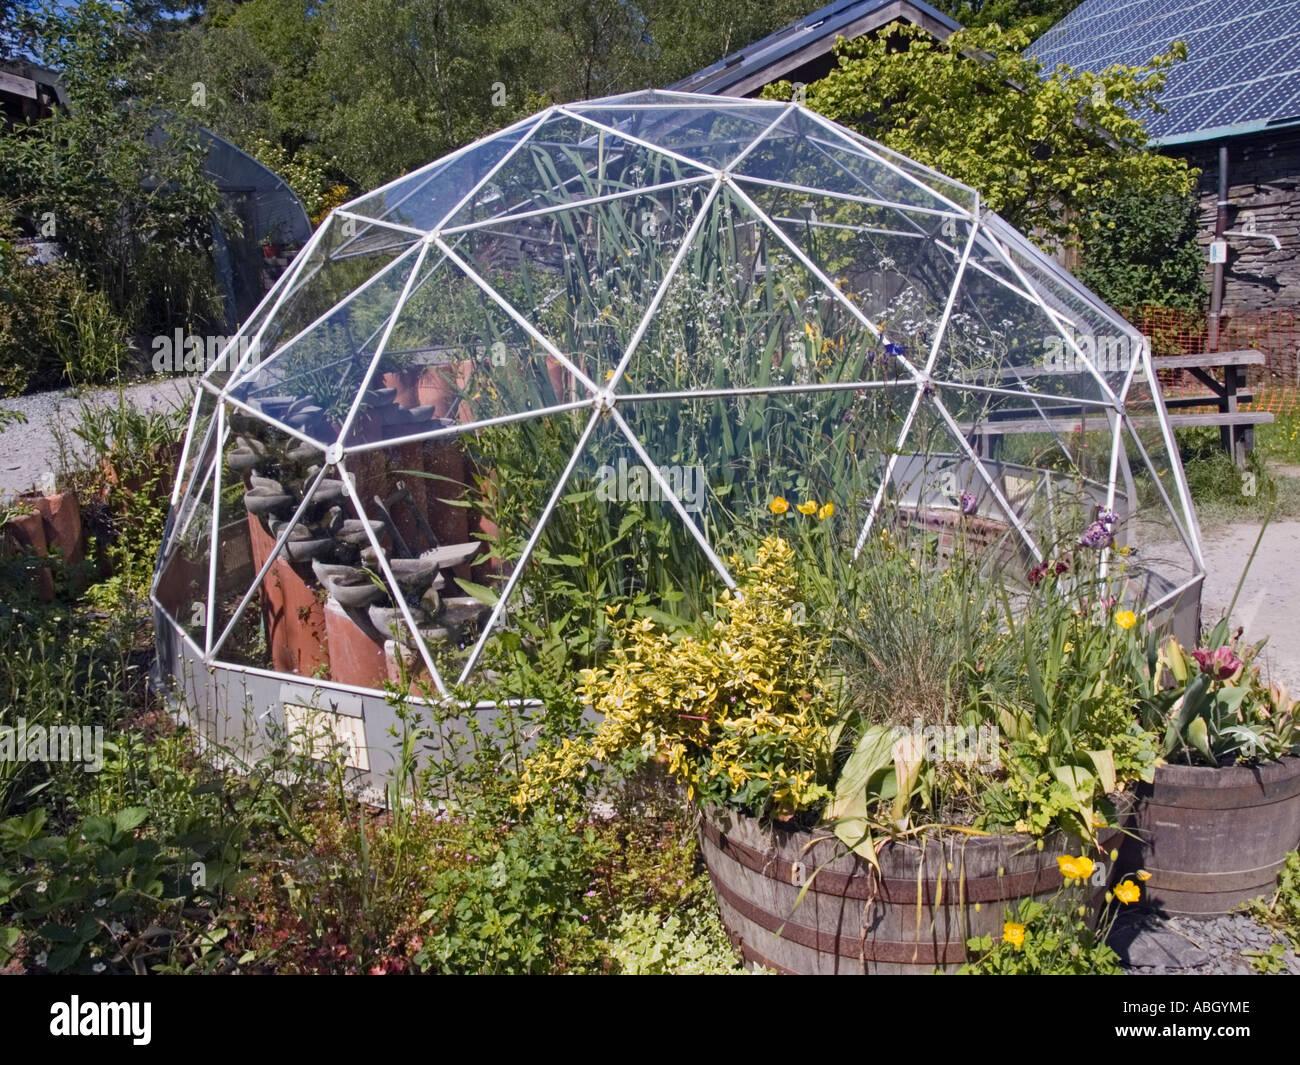 Geodätische Kuppel zentrum für alternative technologie geodätische kuppel gewächshaus